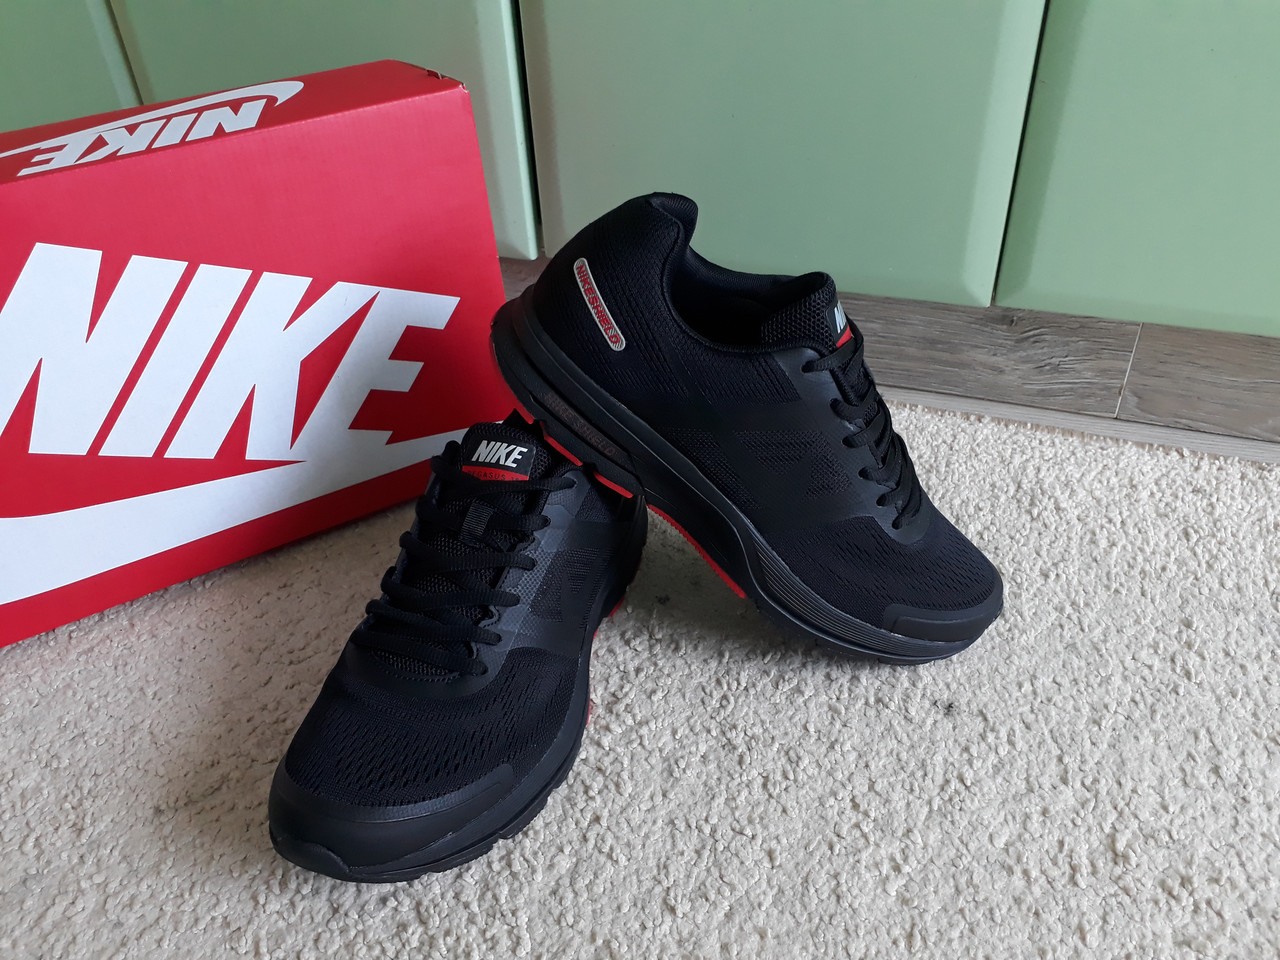 2cc79212 Мужские кроссовки Nike Air Zoom Pegasus Shield Black/Red черные с красным  хит 2019 -